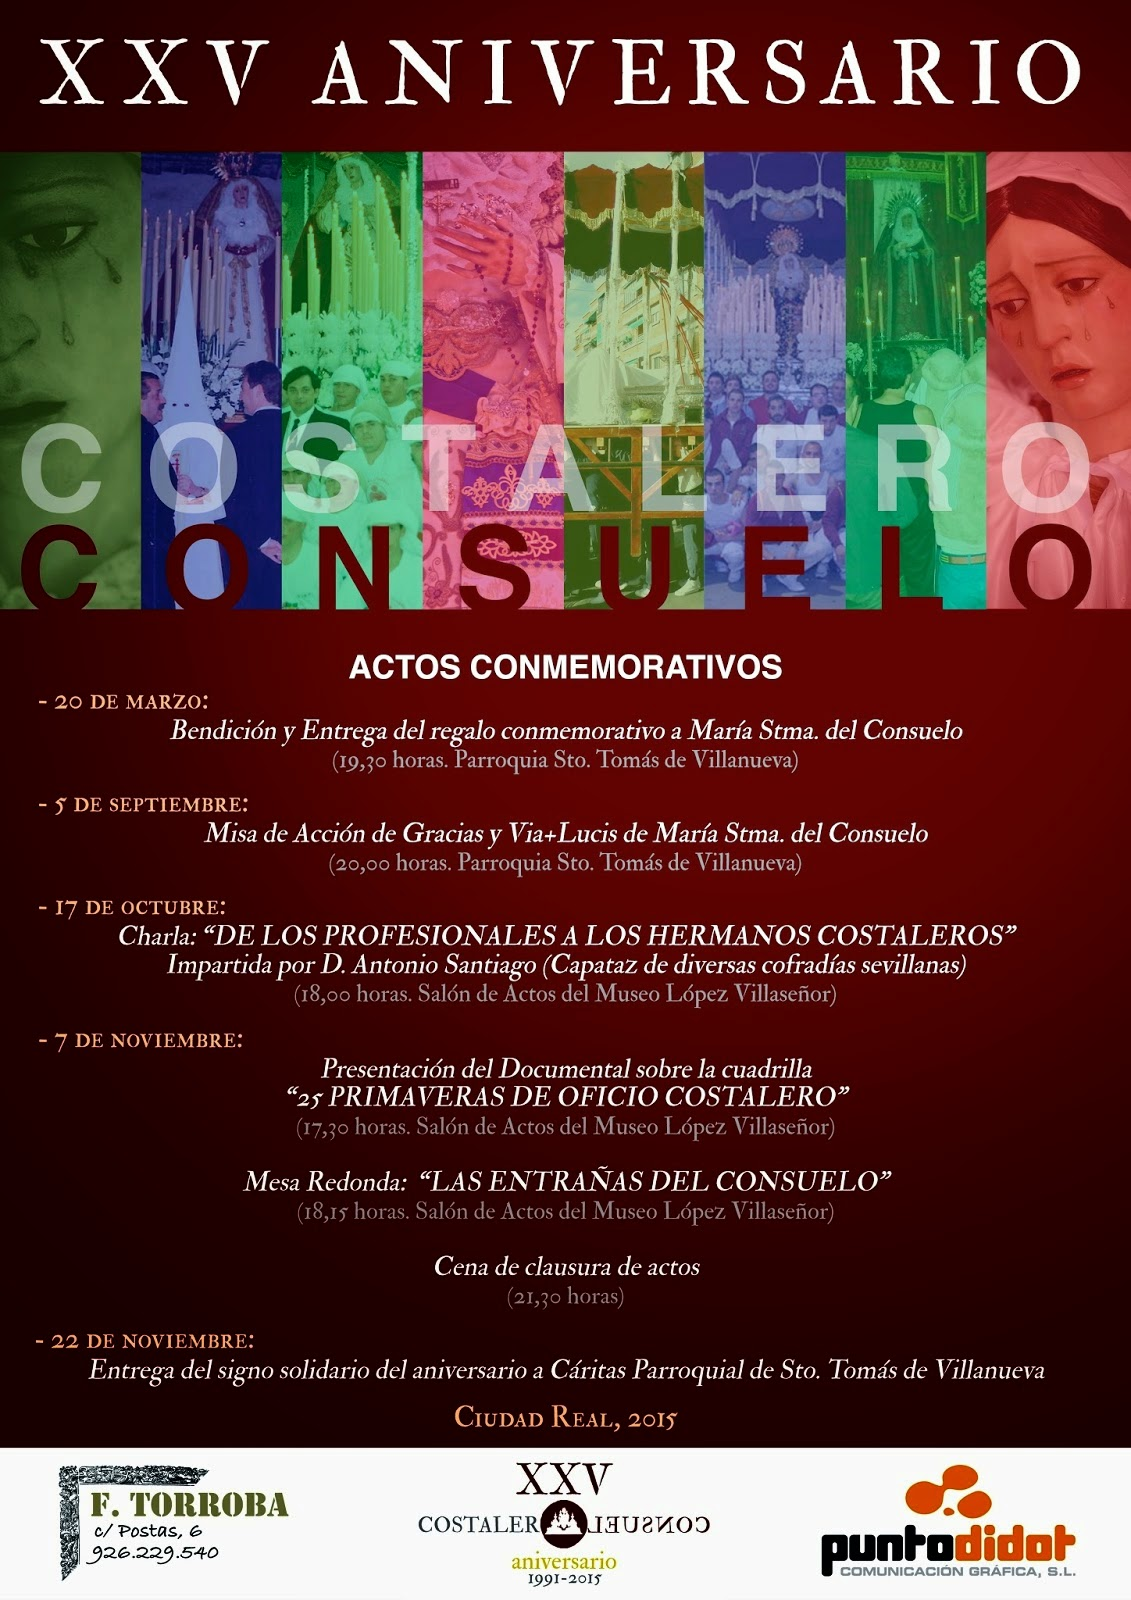 ACTOS XXV ANIVERSARIO CUADRILLA DEL CONSUELO